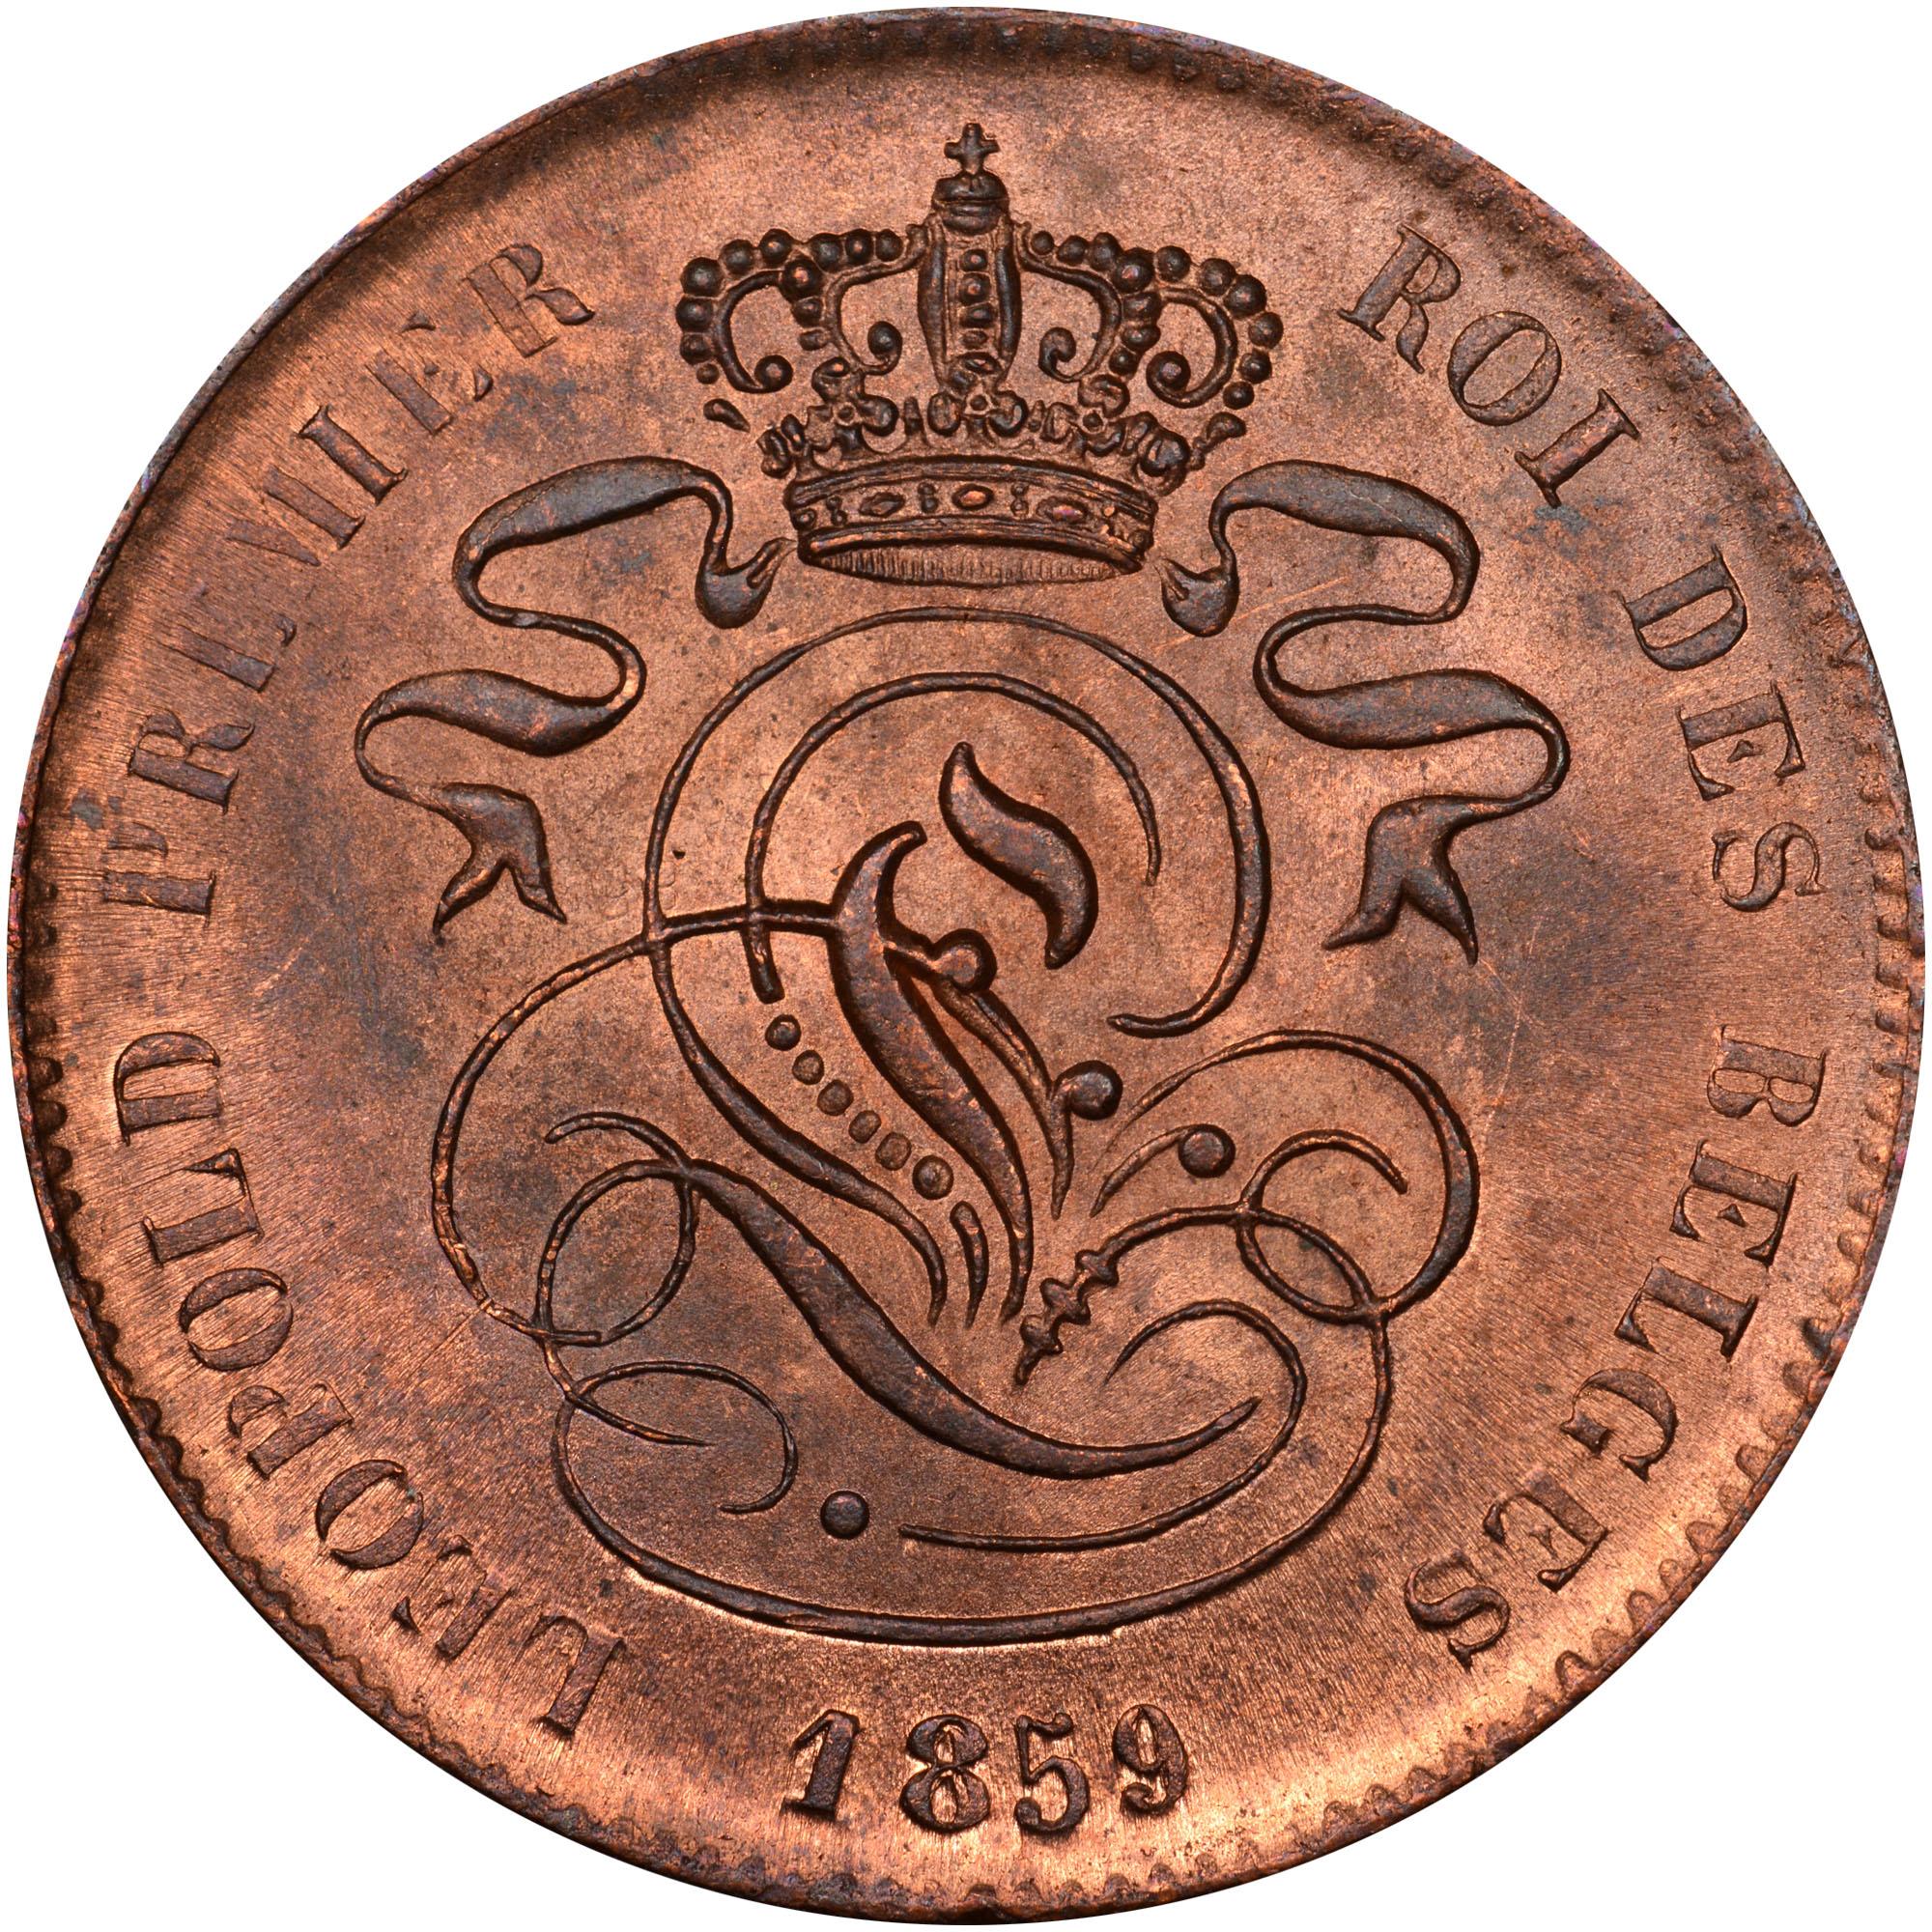 .1835.-1865 Belgium 2 Centimes obverse